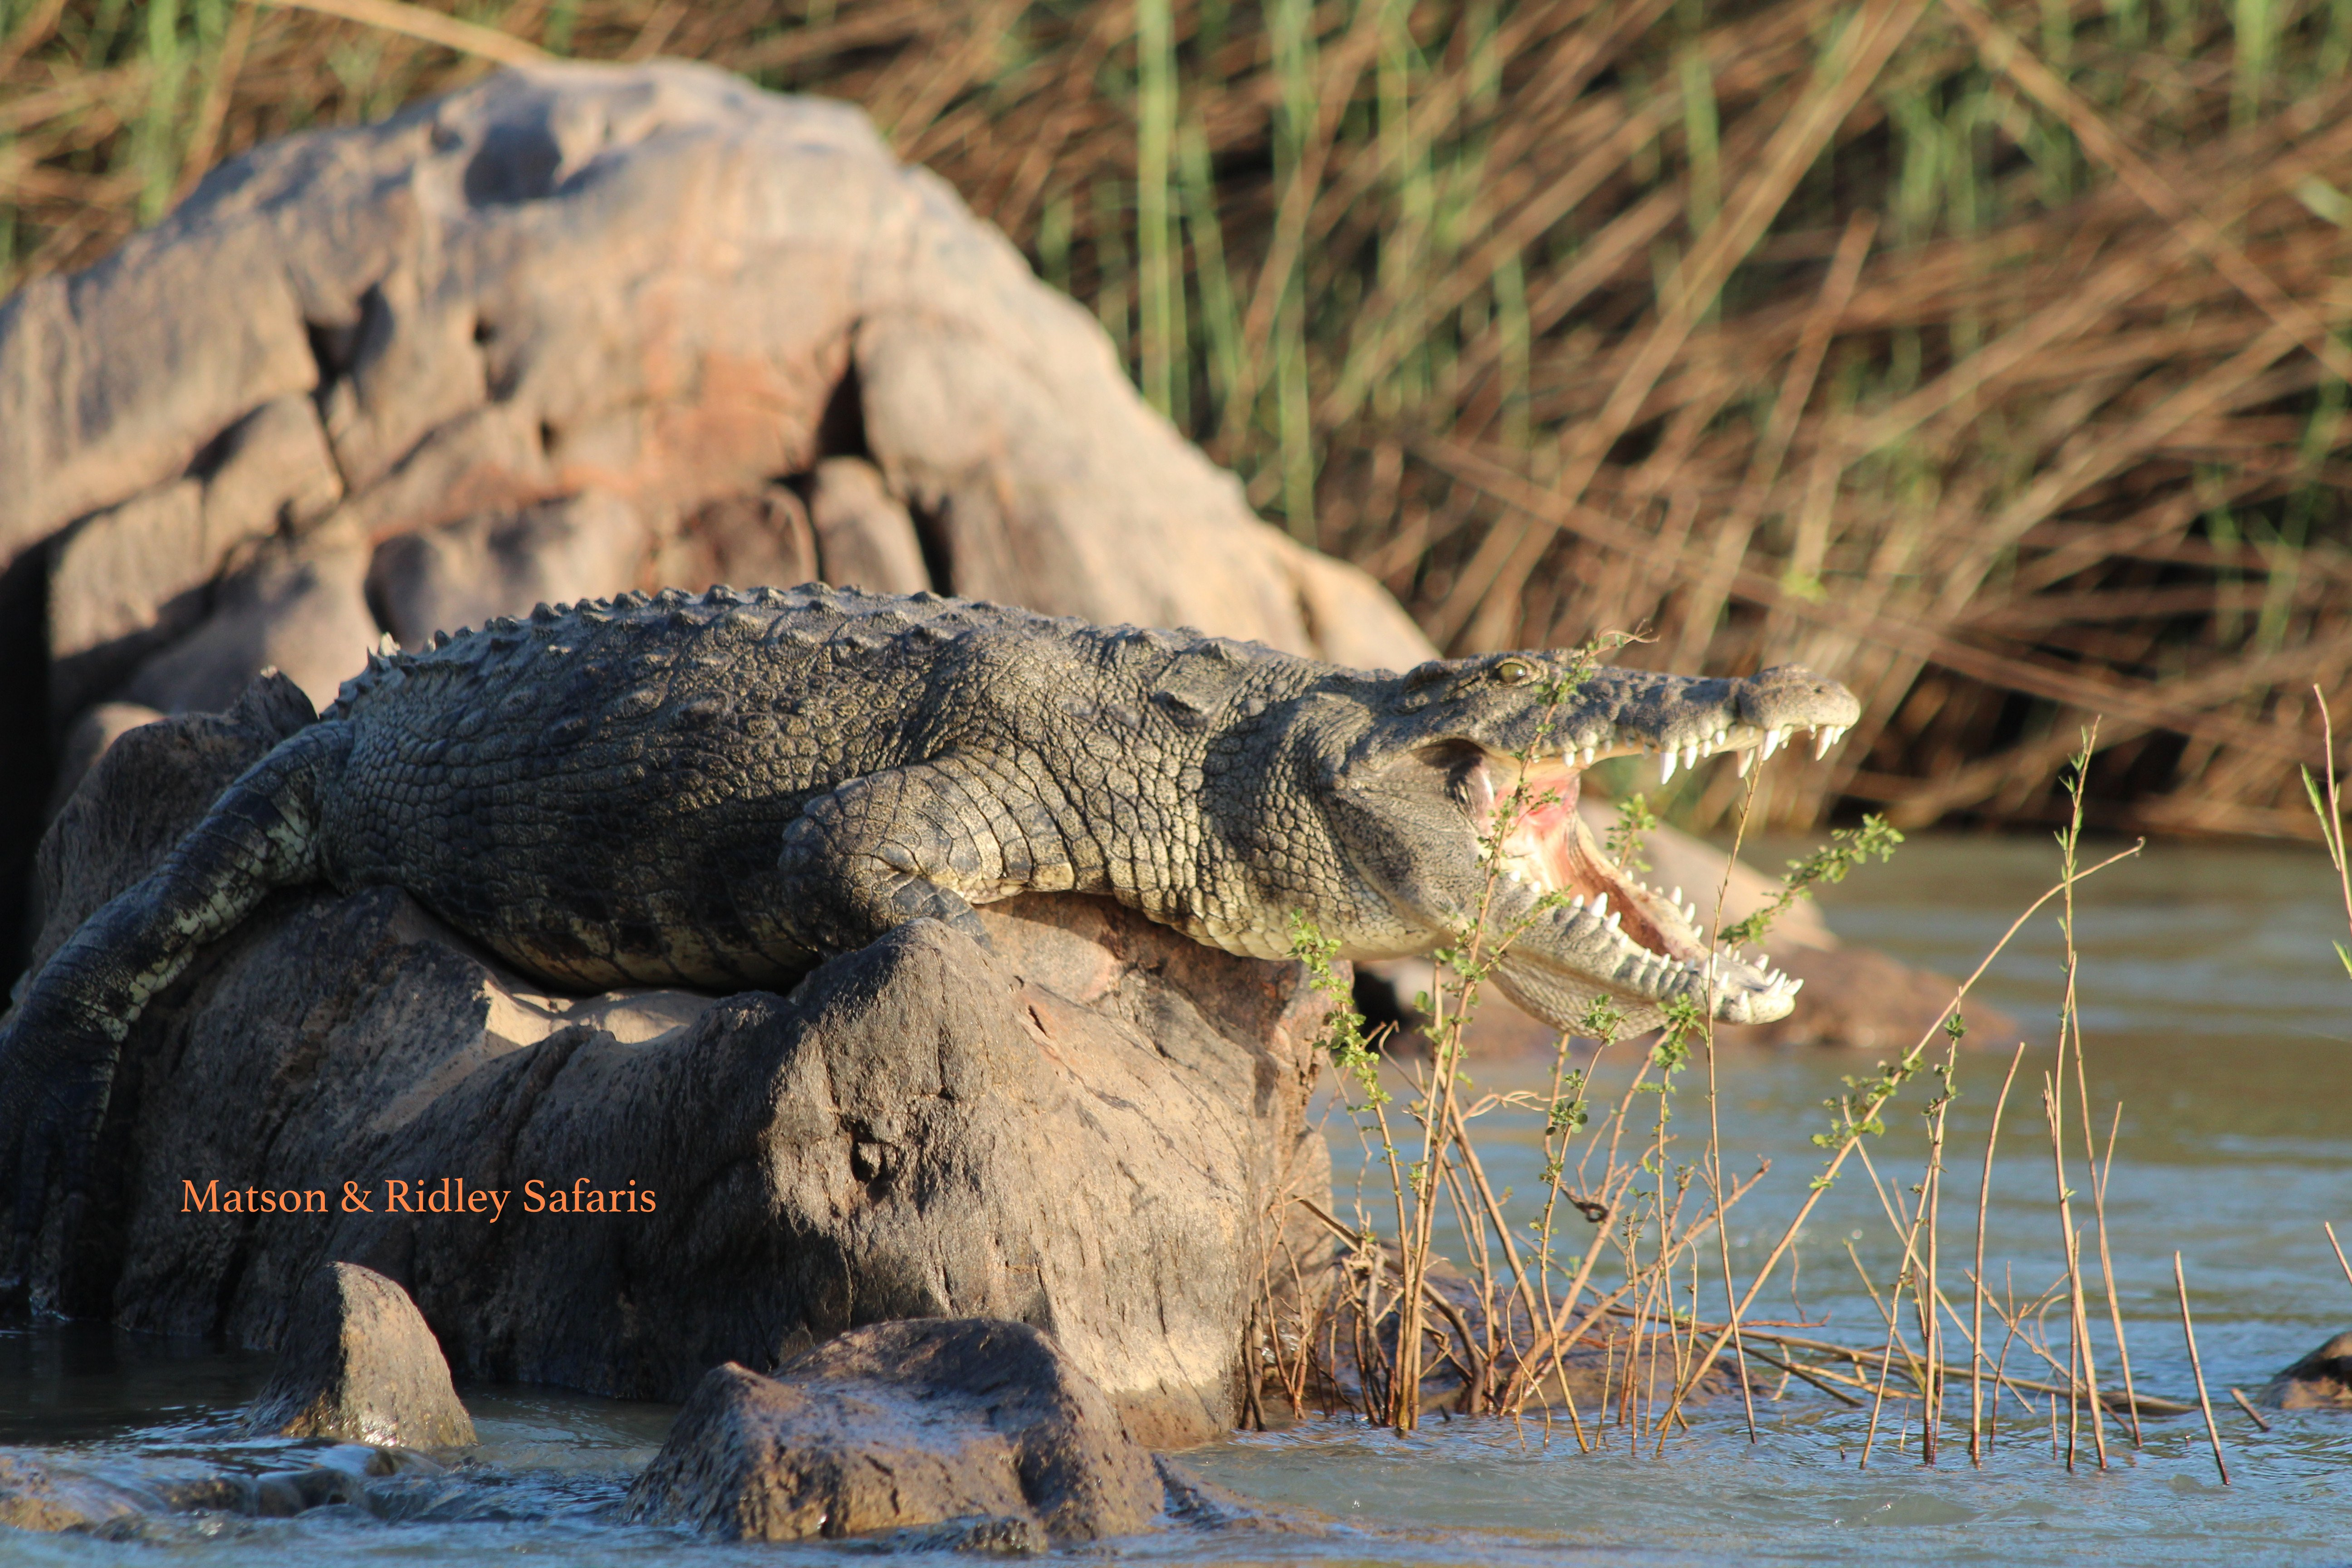 Nile crocodi